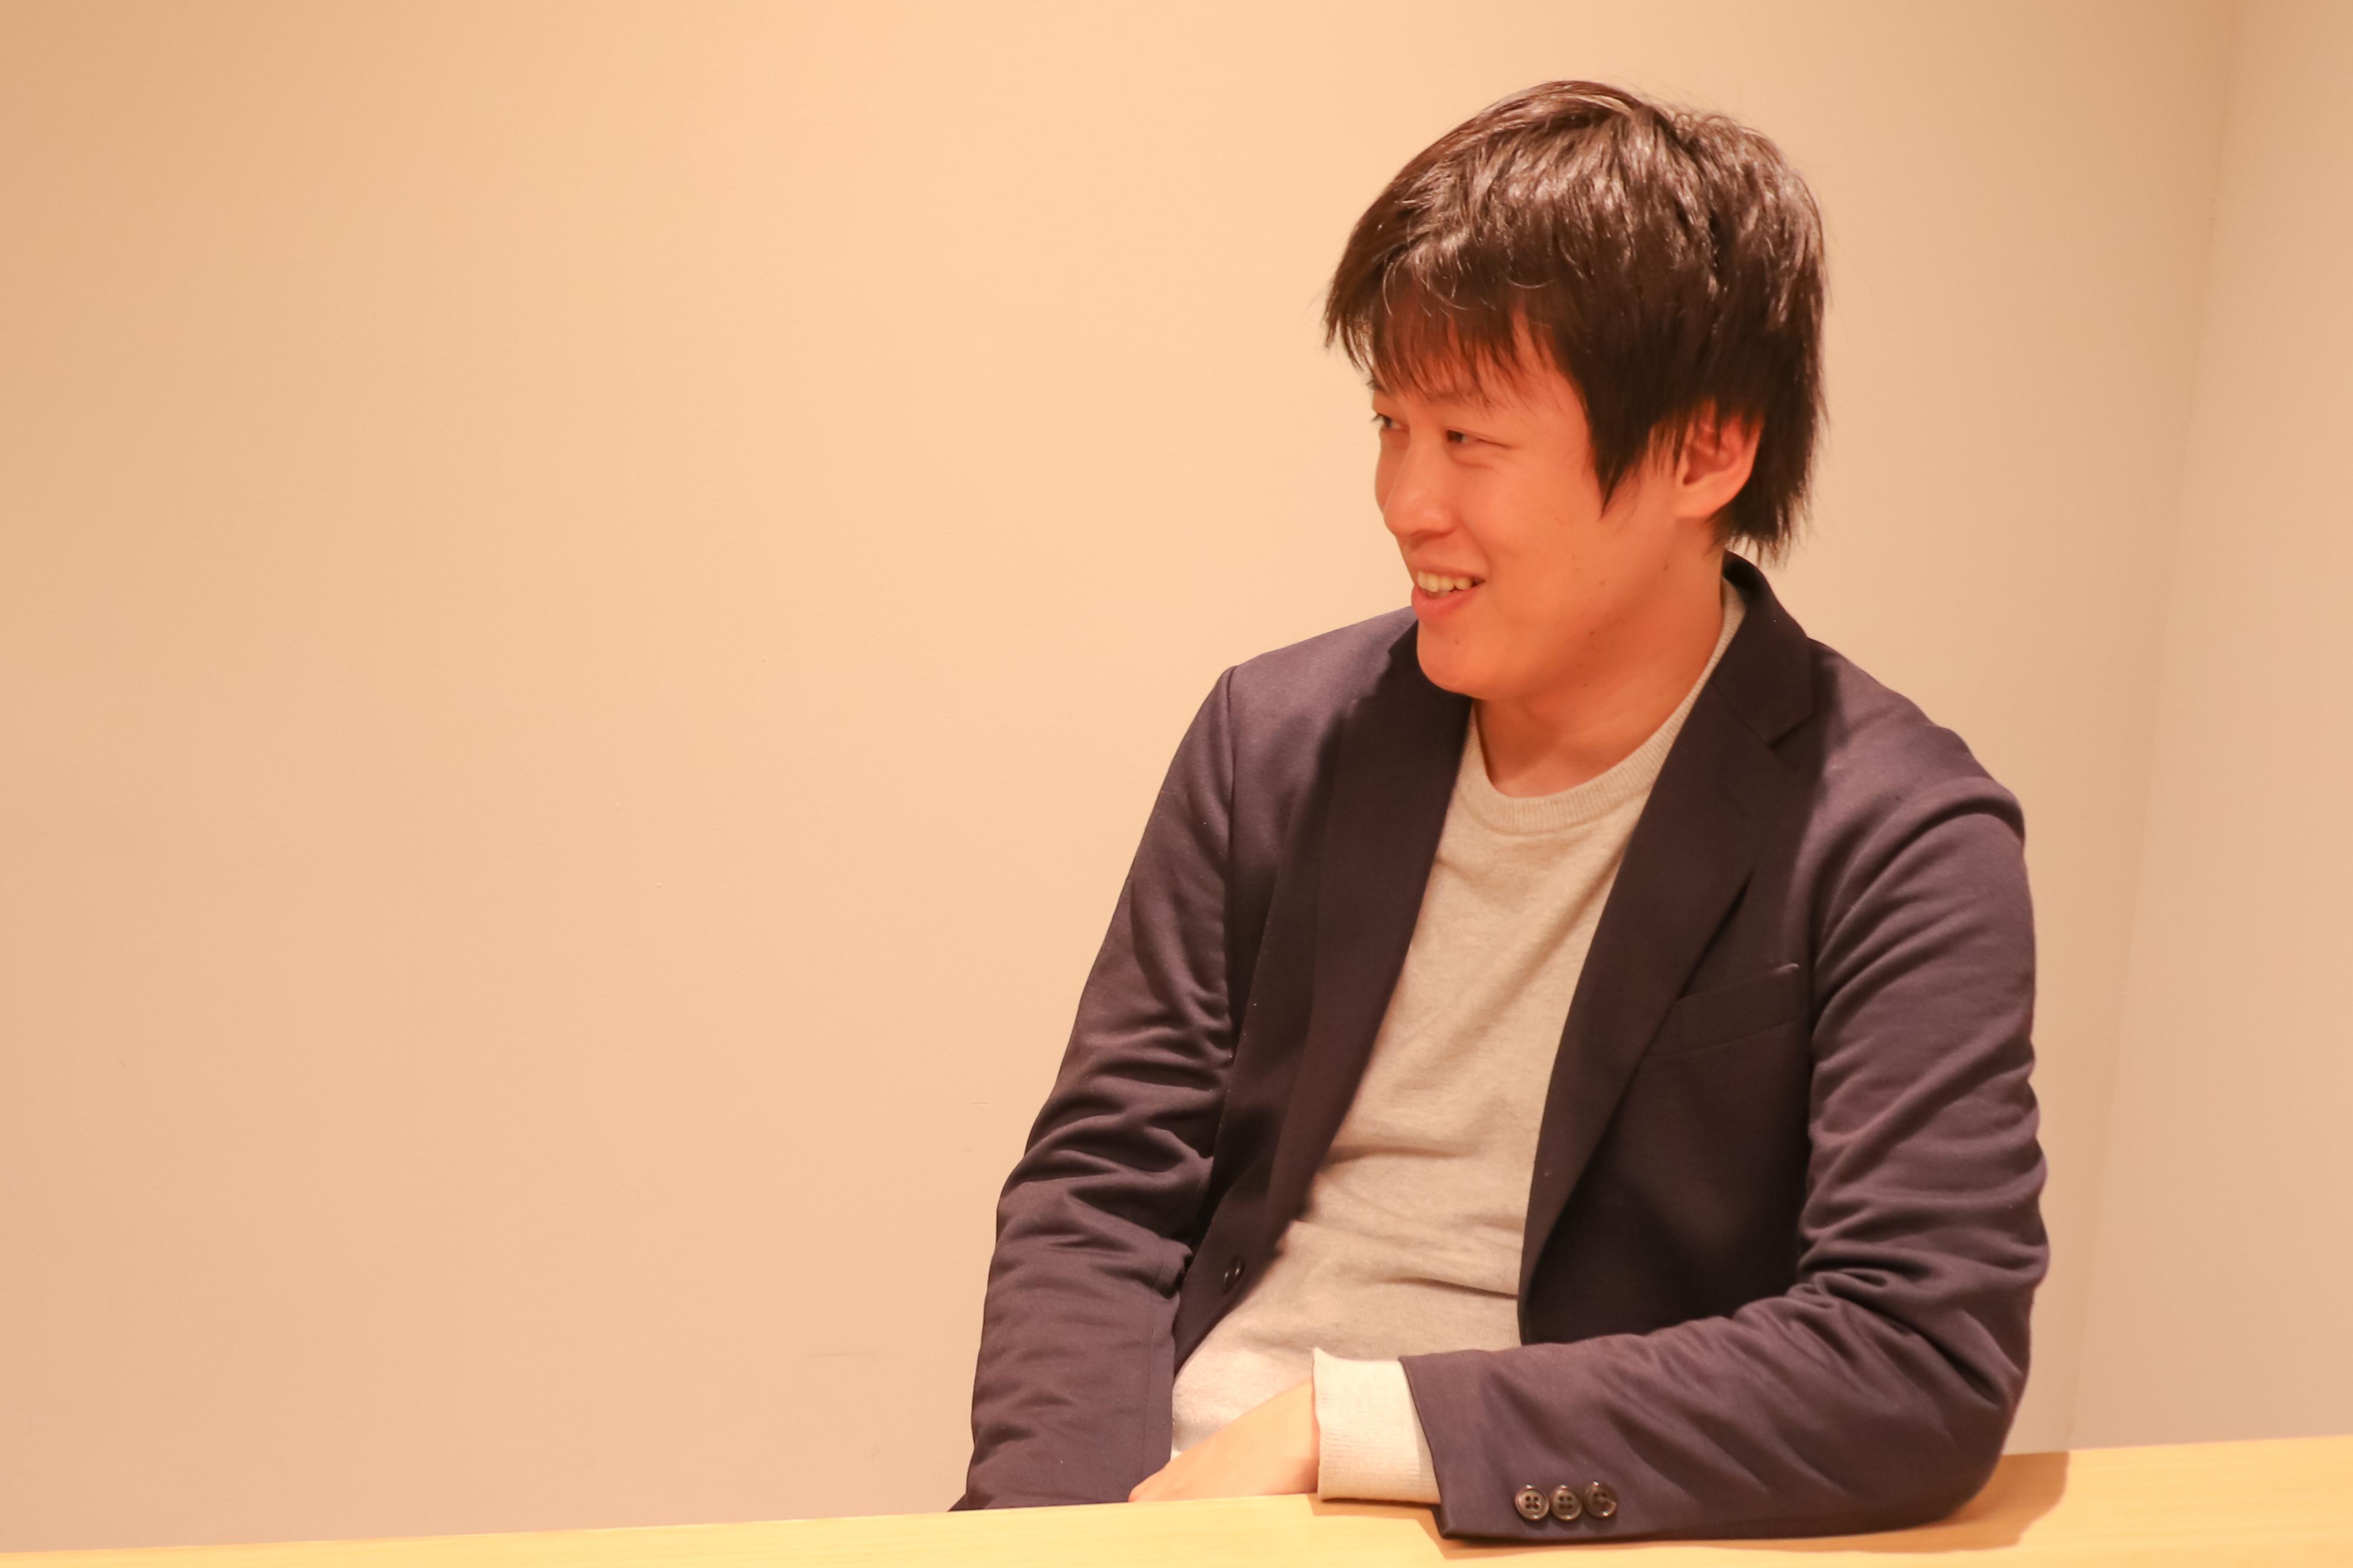 ハーチ株式会社 代表取締役 加藤佑(かとう ゆう)さん